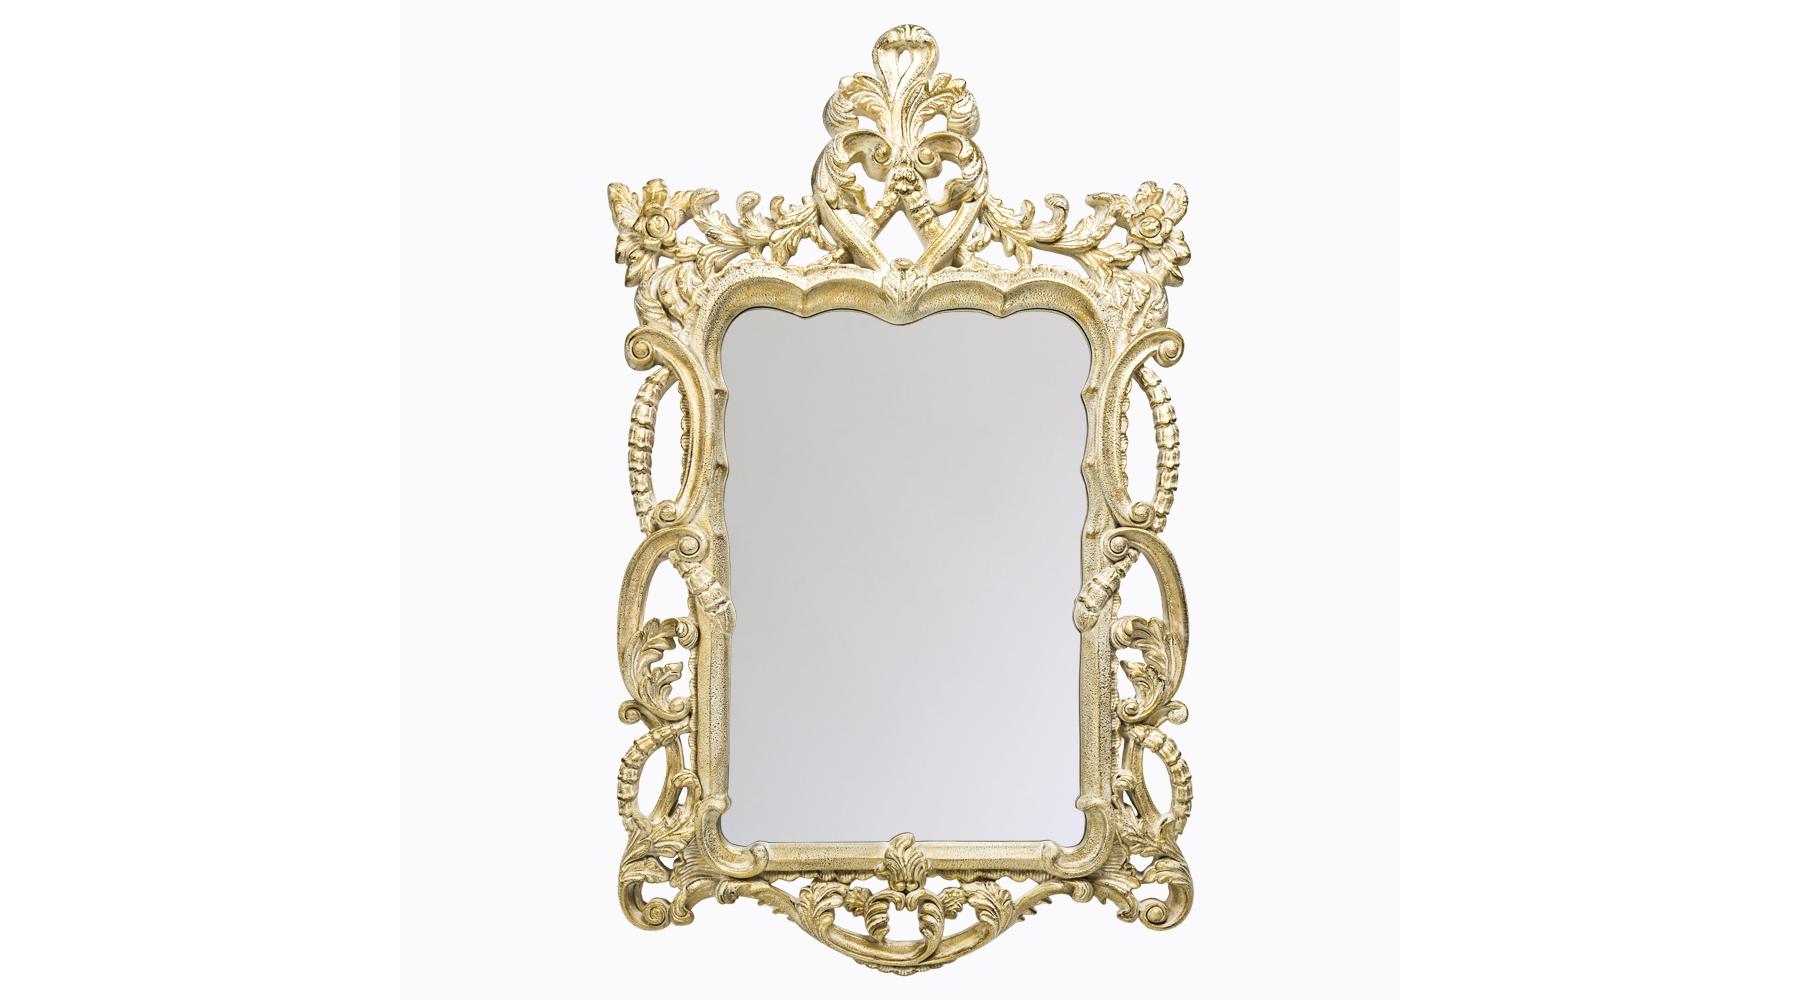 Настенное зеркало «Коринн»Настенные зеркала<br>Зеркало в золоченой раме в стиле Ренессанса – подходящая деталь для интерьера, когда нужно «броско, роскошно и винтажно». Обрамление изготовлено из современного мебельного полиуретана, материала очень прочного, долговечного, влагоустойчивого, не требующего особого ухода. Кроме того, багет, при всей внешней массивности, совсем не тяжелый – изделие весит всего 7,5 кг. Лакокрасочный состав экологичен, держится стойко и не теряет яркого блеска даже годы спустя. Толщина зеркального слоя с покрытием из серебряной амальгамы составляет 5 мм.<br><br>Material: Полиуретан<br>Width см: 77,5<br>Depth см: 5,5<br>Height см: 122